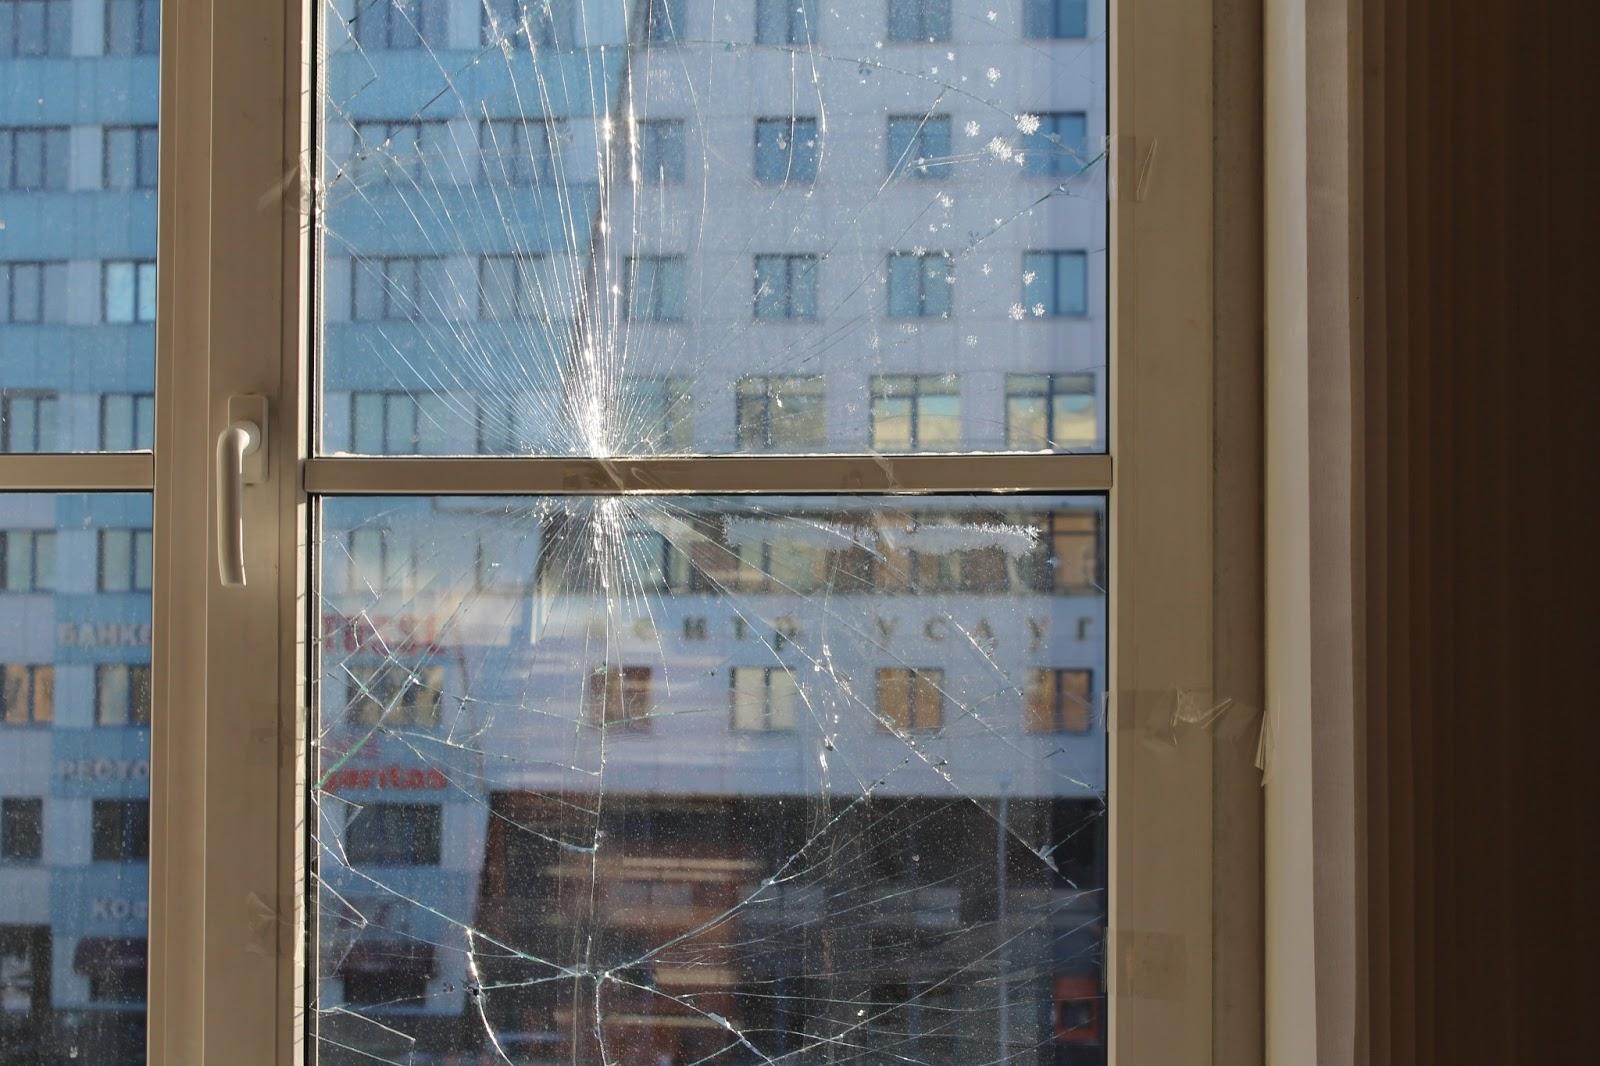 Замена стекла в стеклопакете: этапы, инструкция, вызов масте.